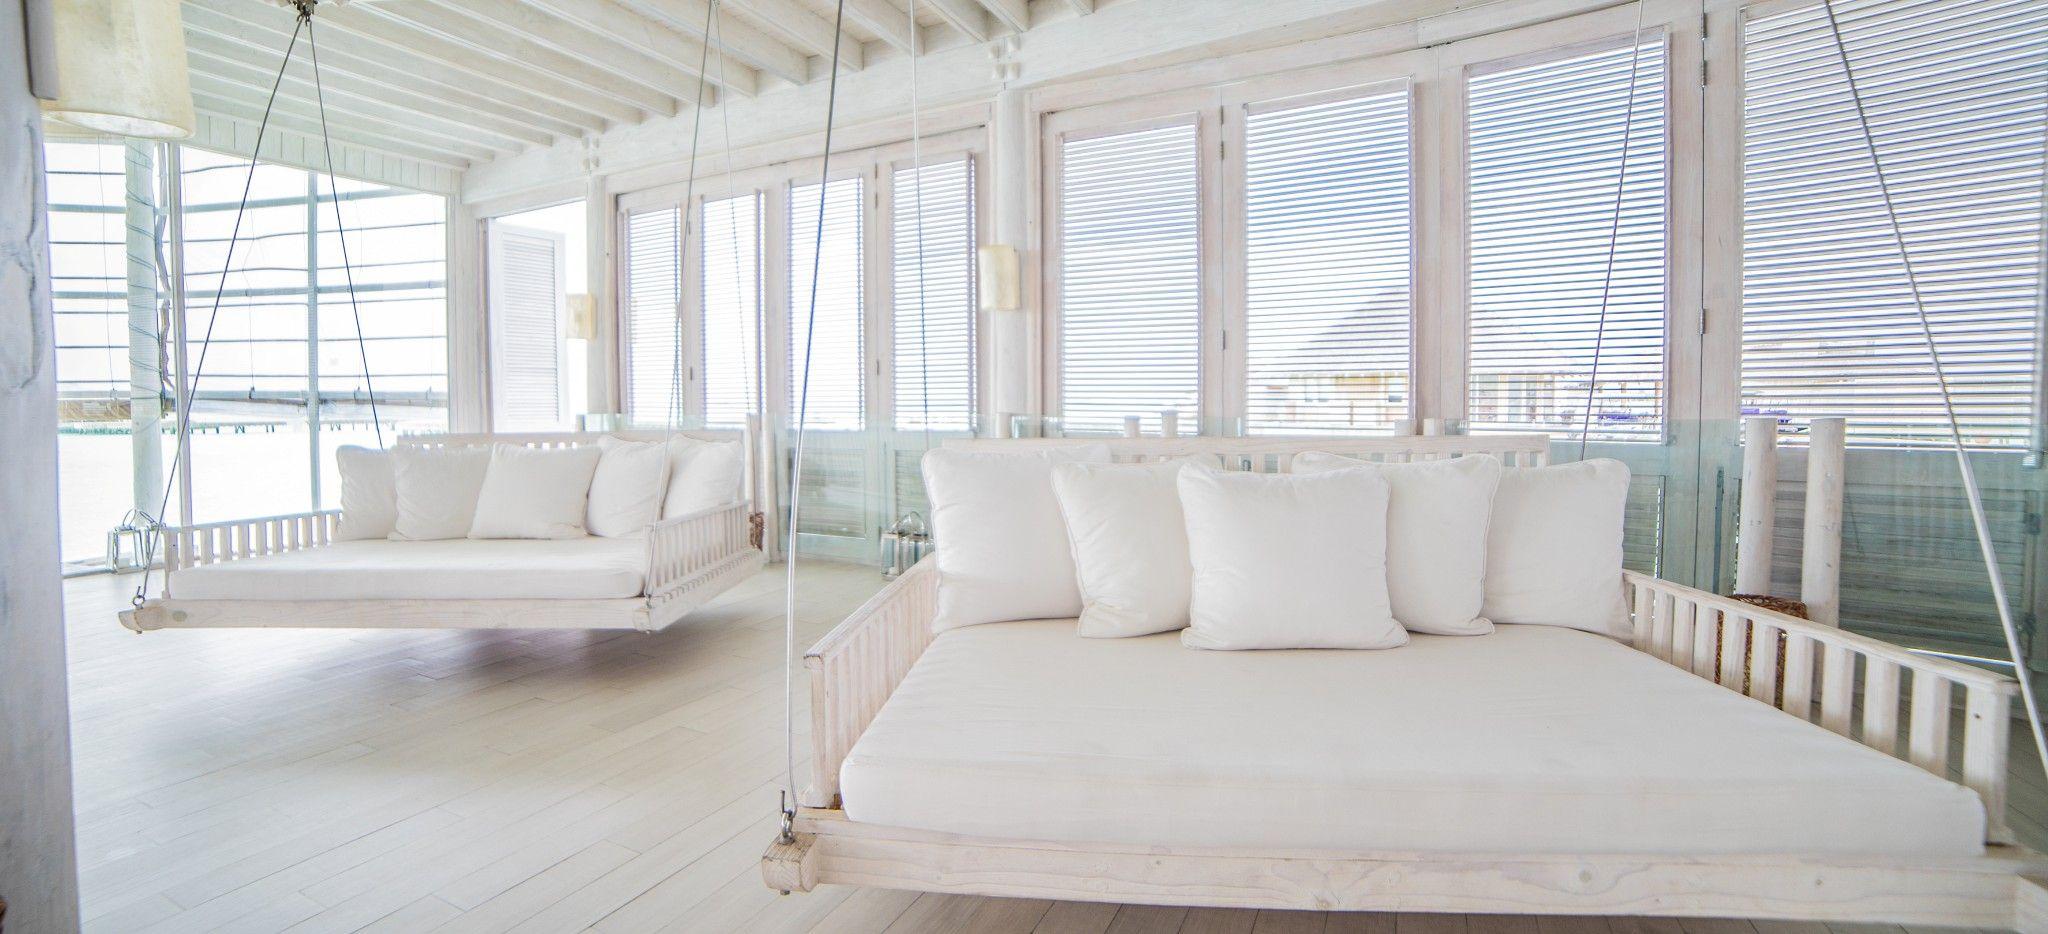 Zwei Hollywoodschaukeln 2m auf 2m, voll in weiß, in einem weißen, offenen Restaurant